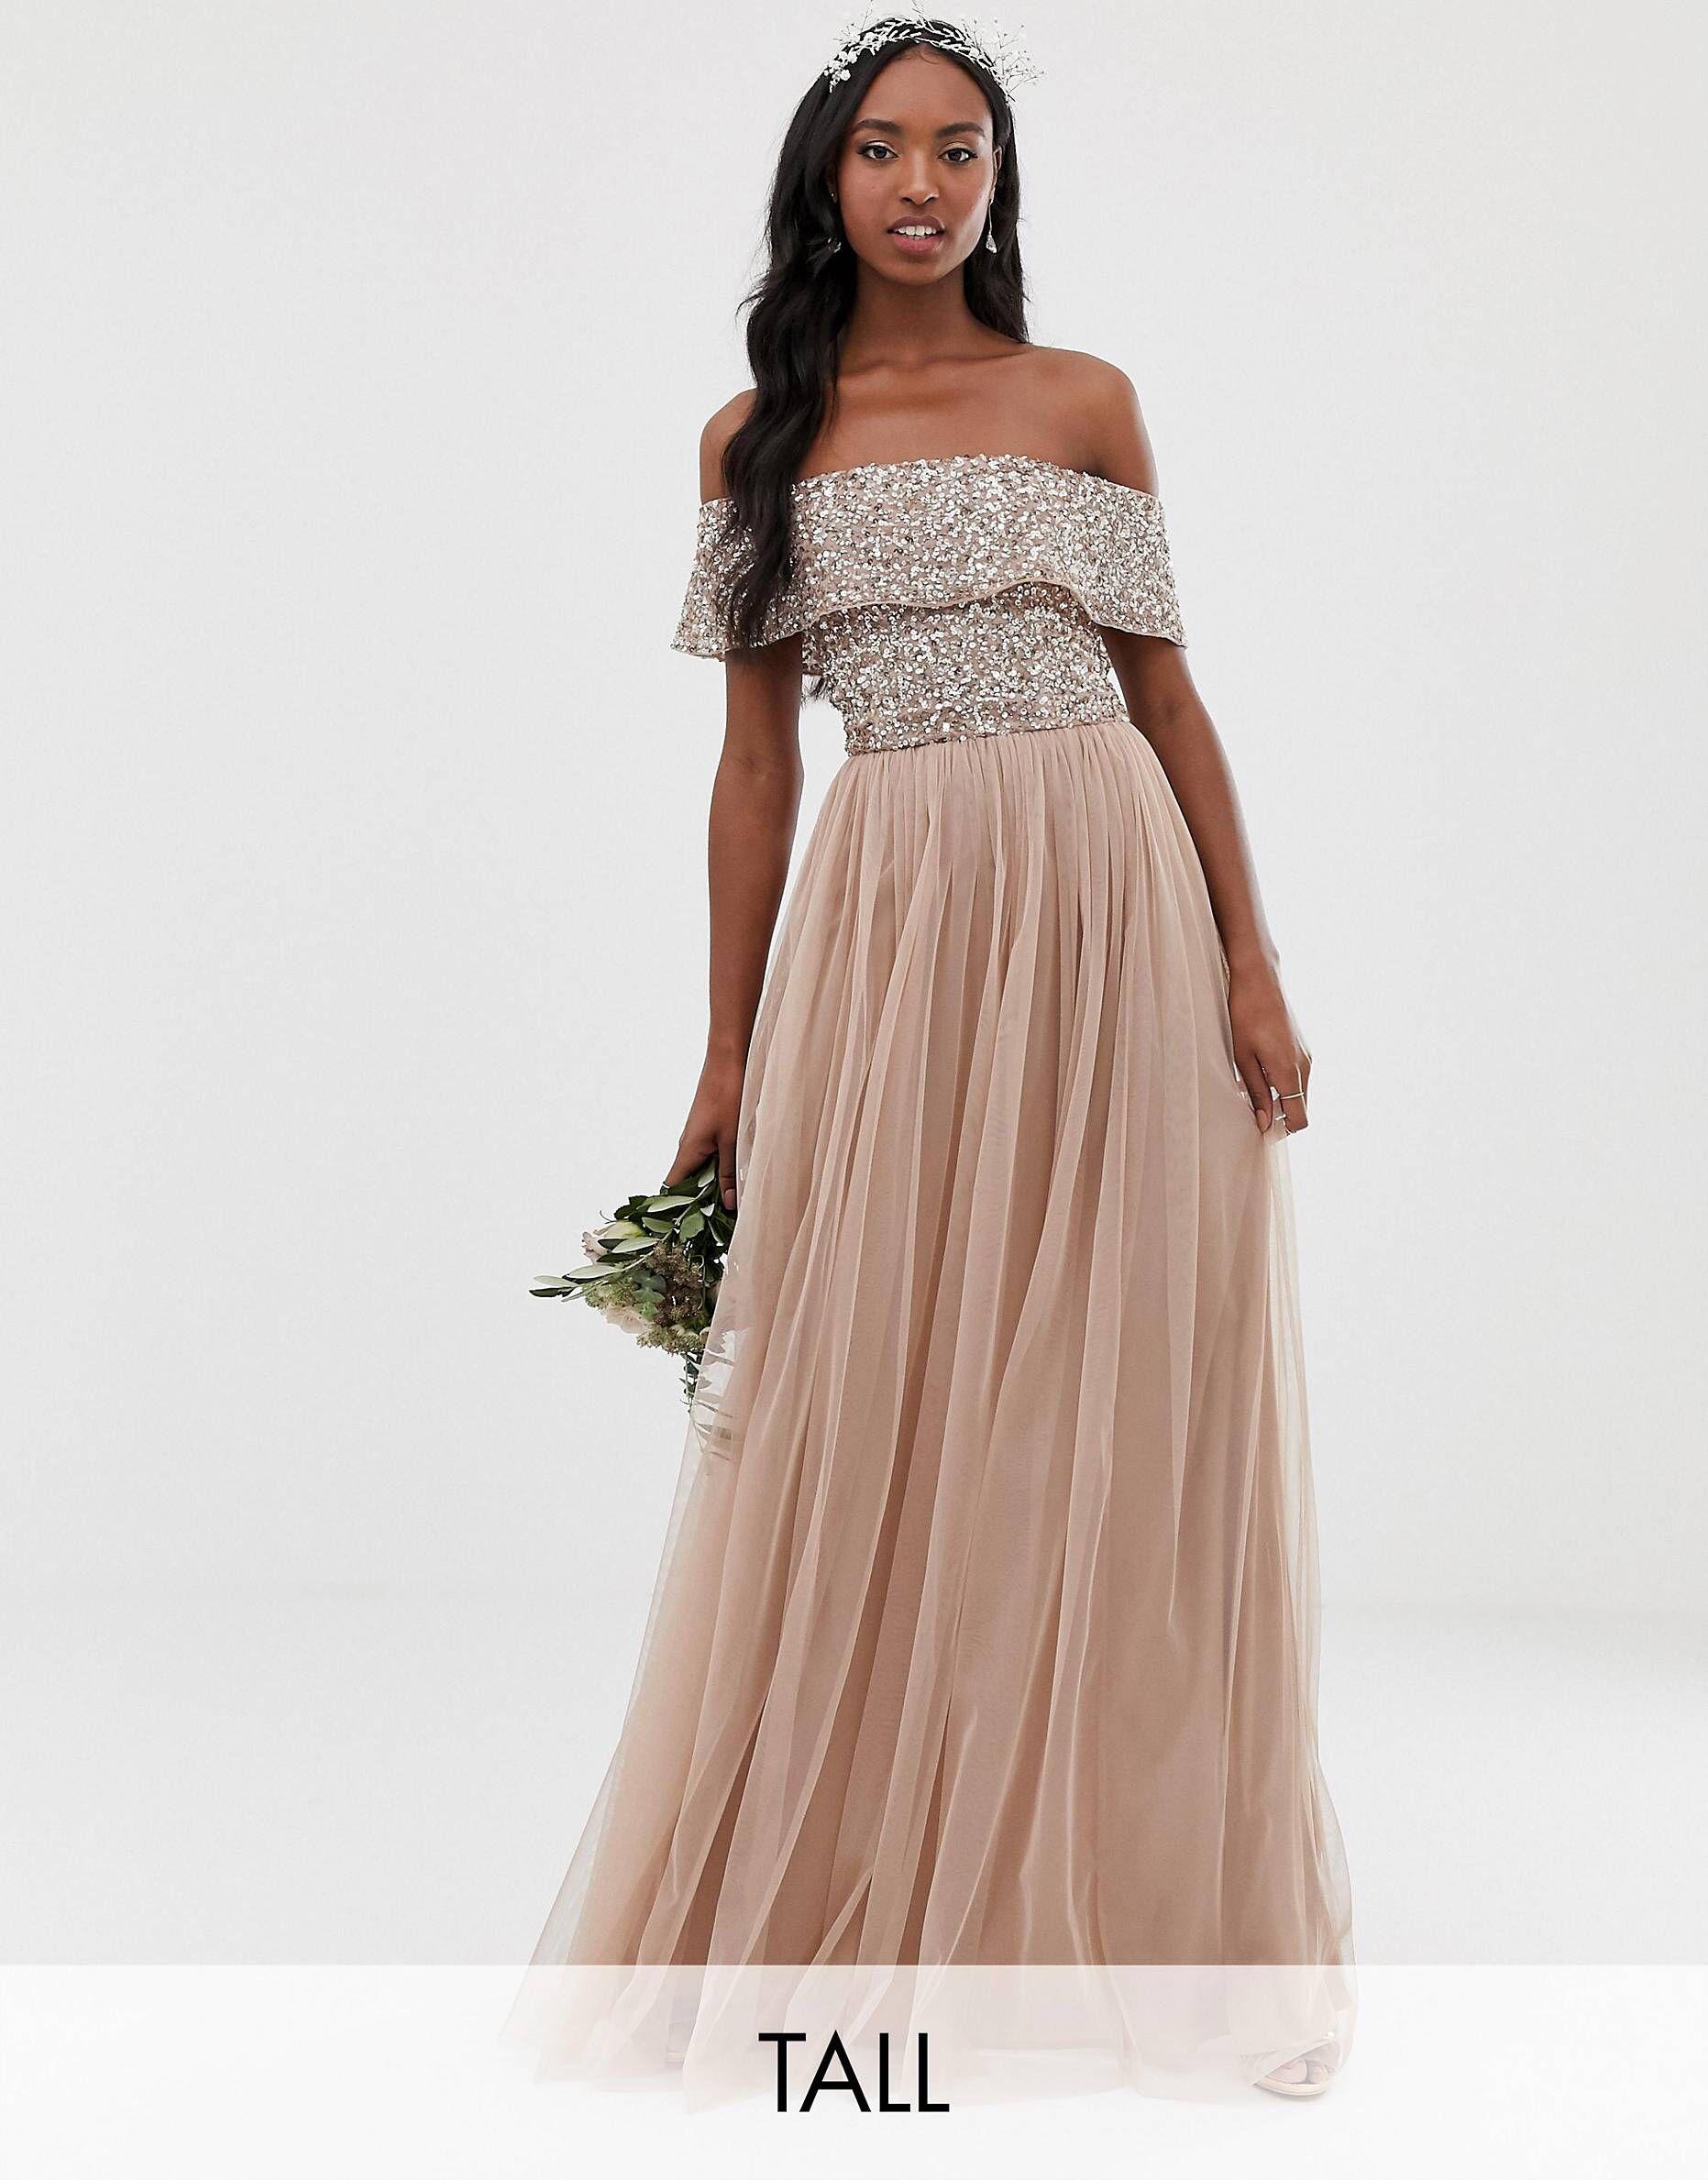 463e89411489 Bridesmaid Dresses, Prom Dresses, Formal Dresses, Wedding Dresses, Bride  Dresses, Bridesmaids